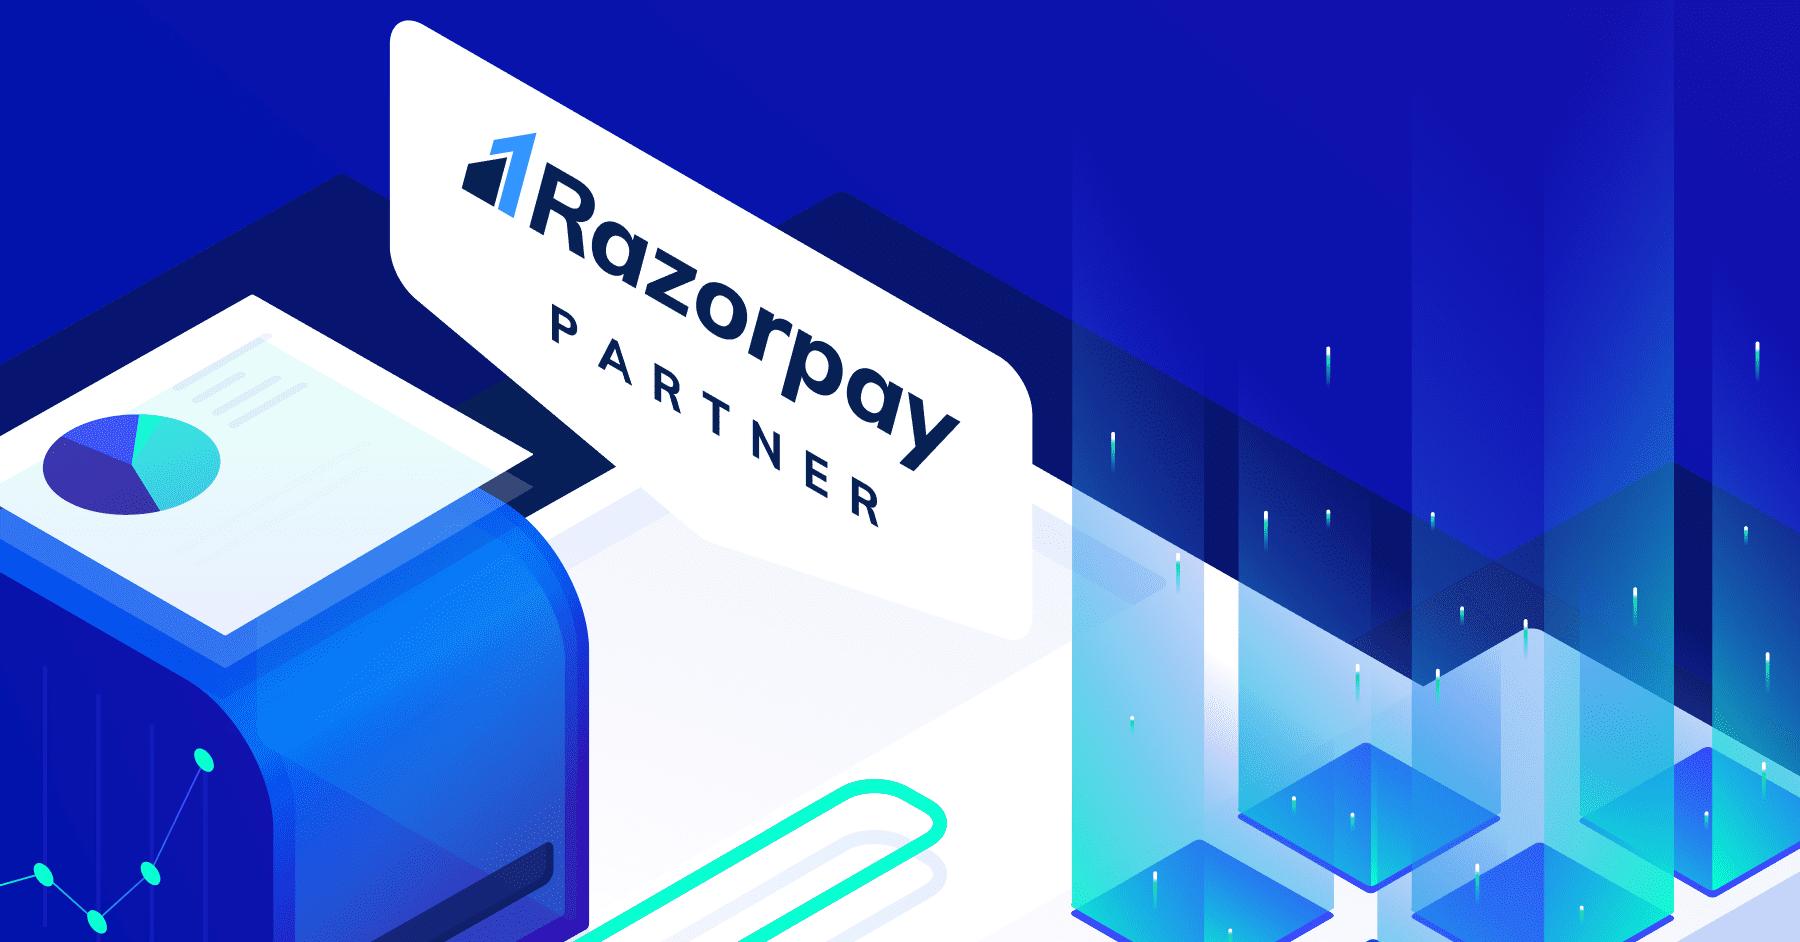 Razorpay Partner Program